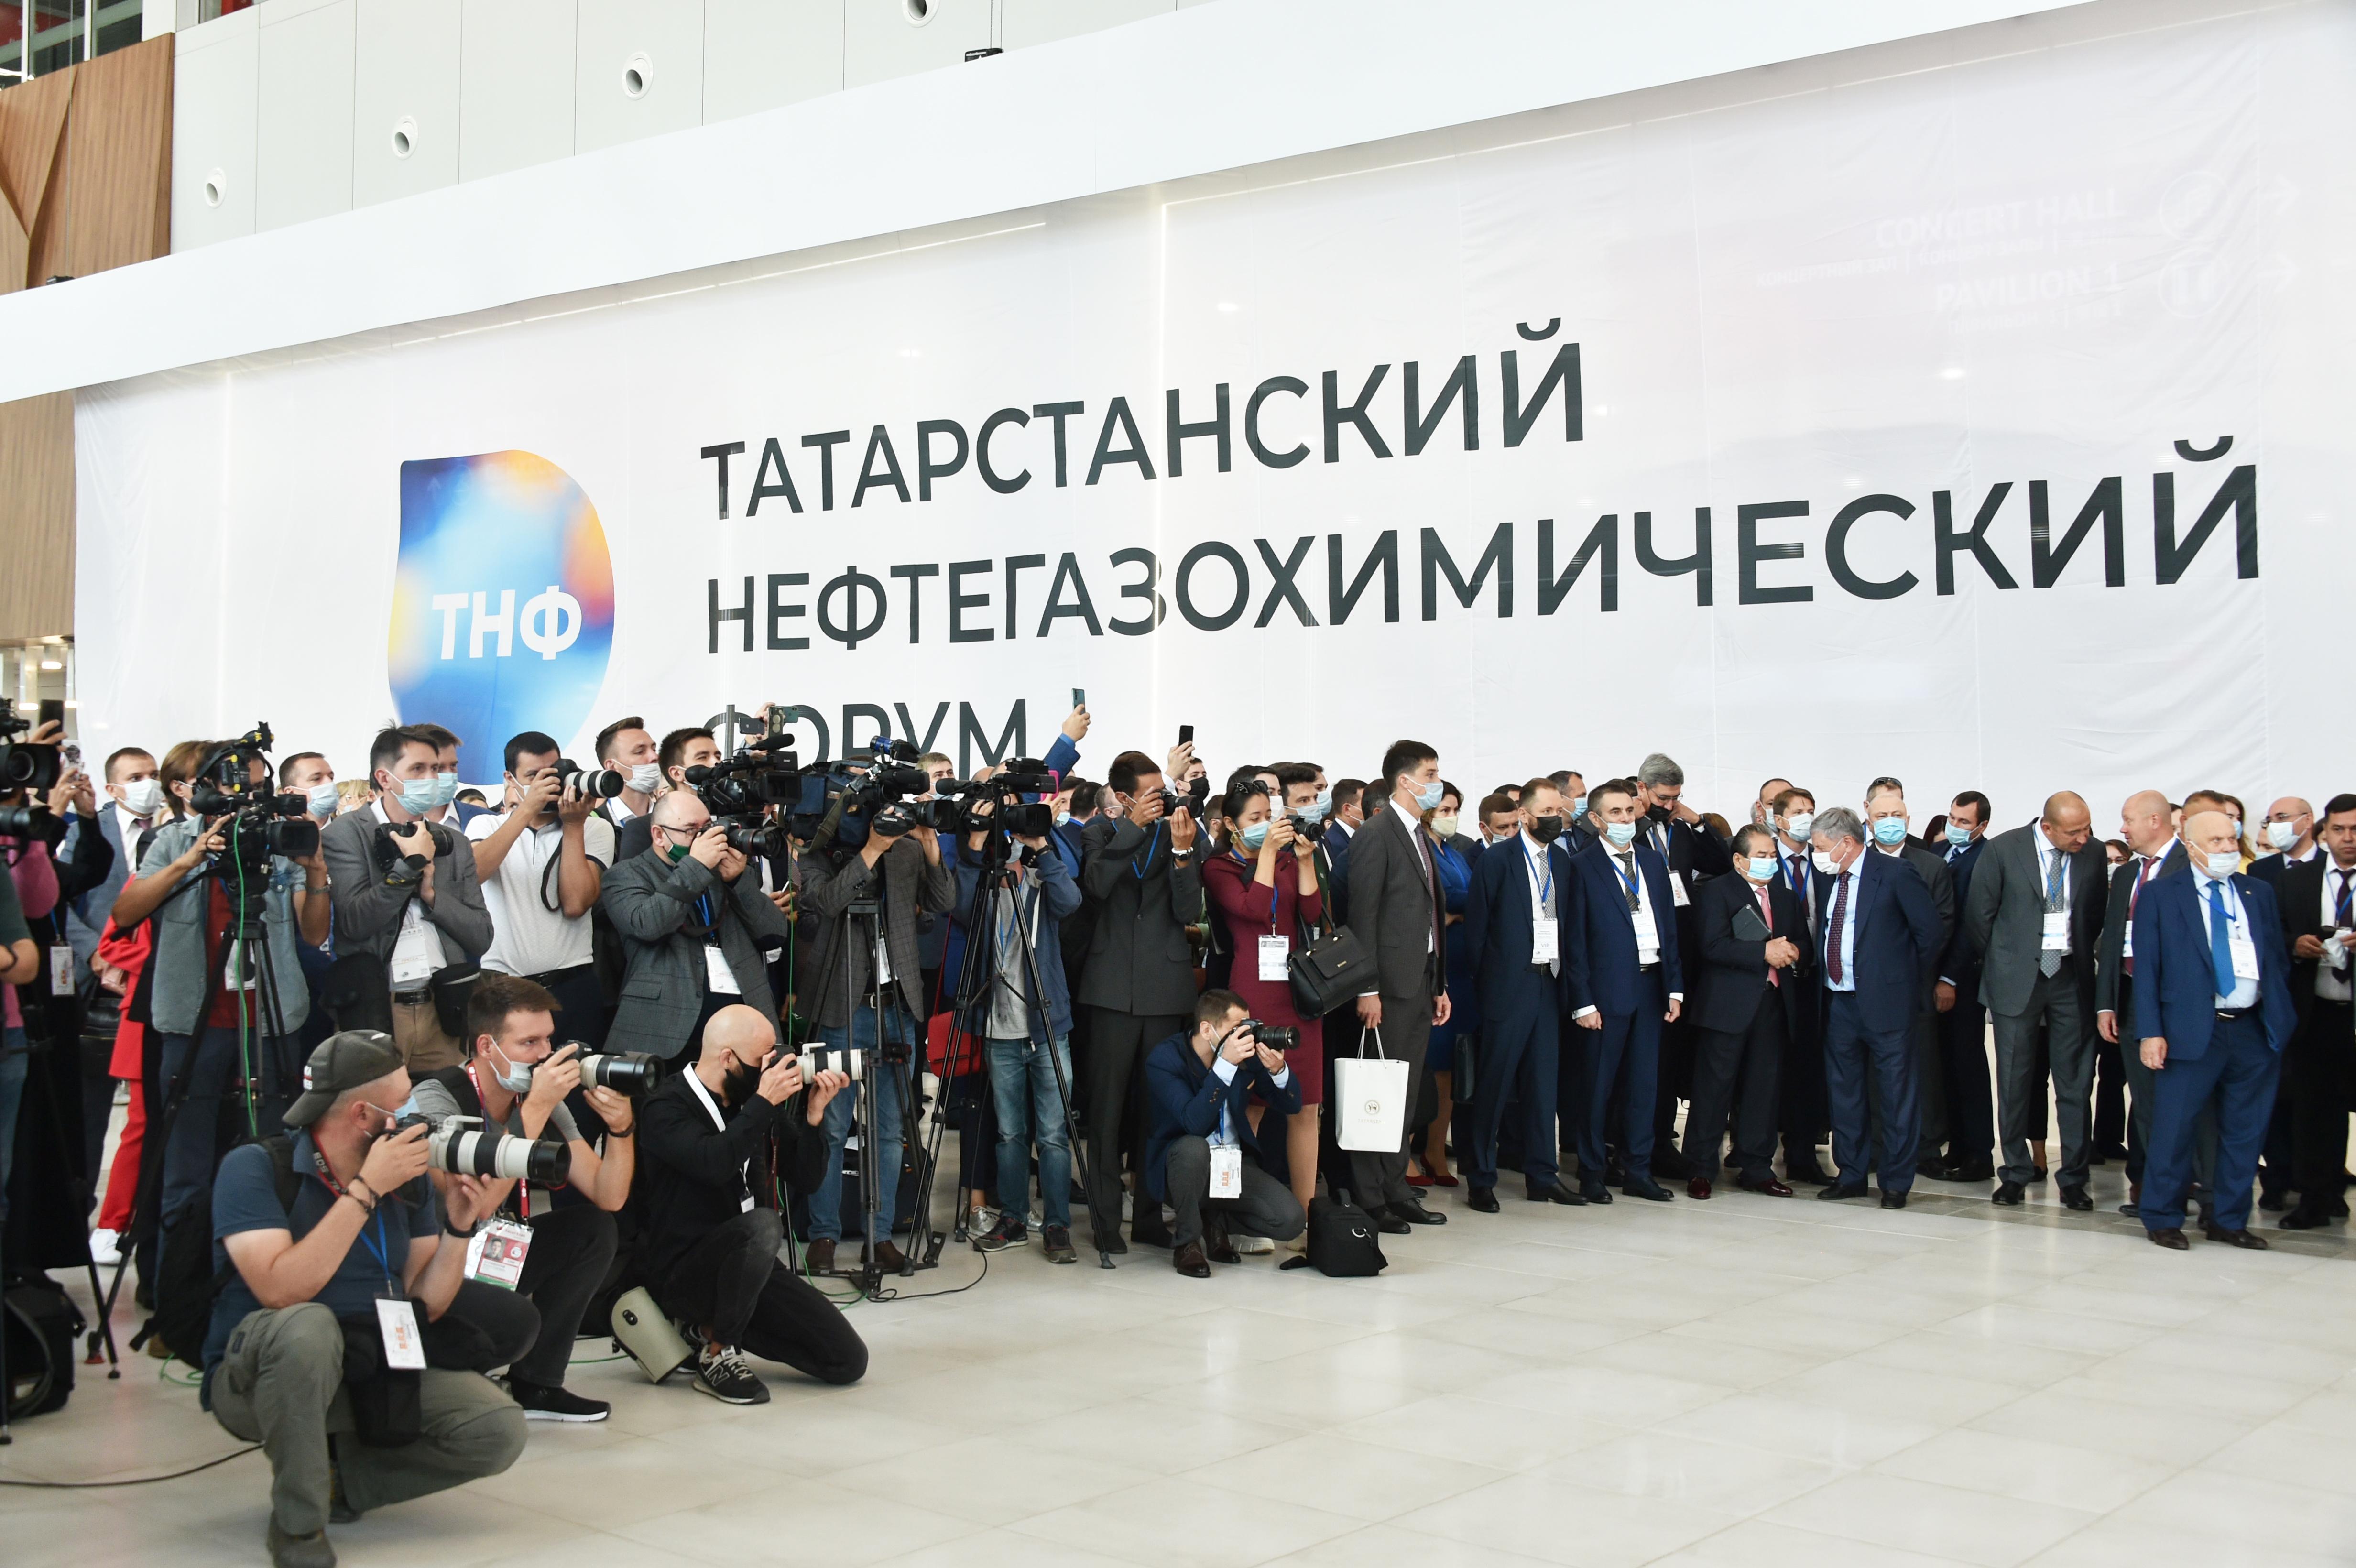 Татарстанский нефтегазохимический форум-2021